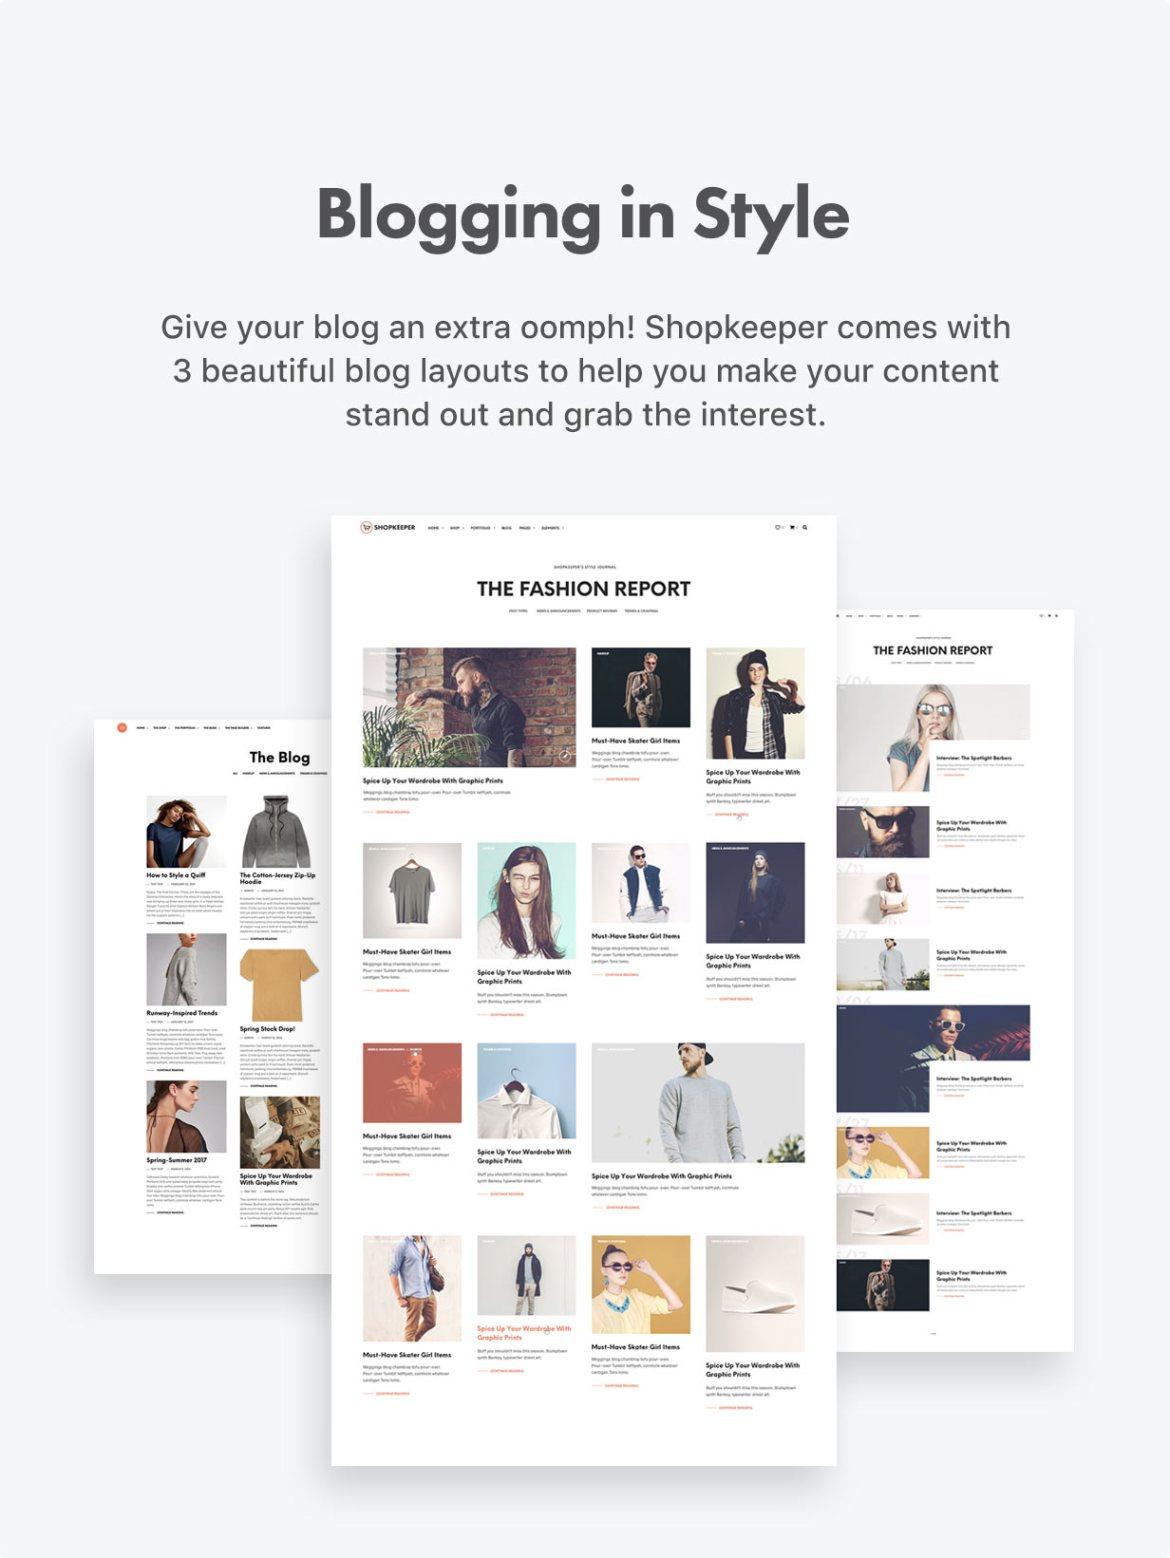 Shopkeeper - eCommerce WordPress Theme for WooCommerce - 42